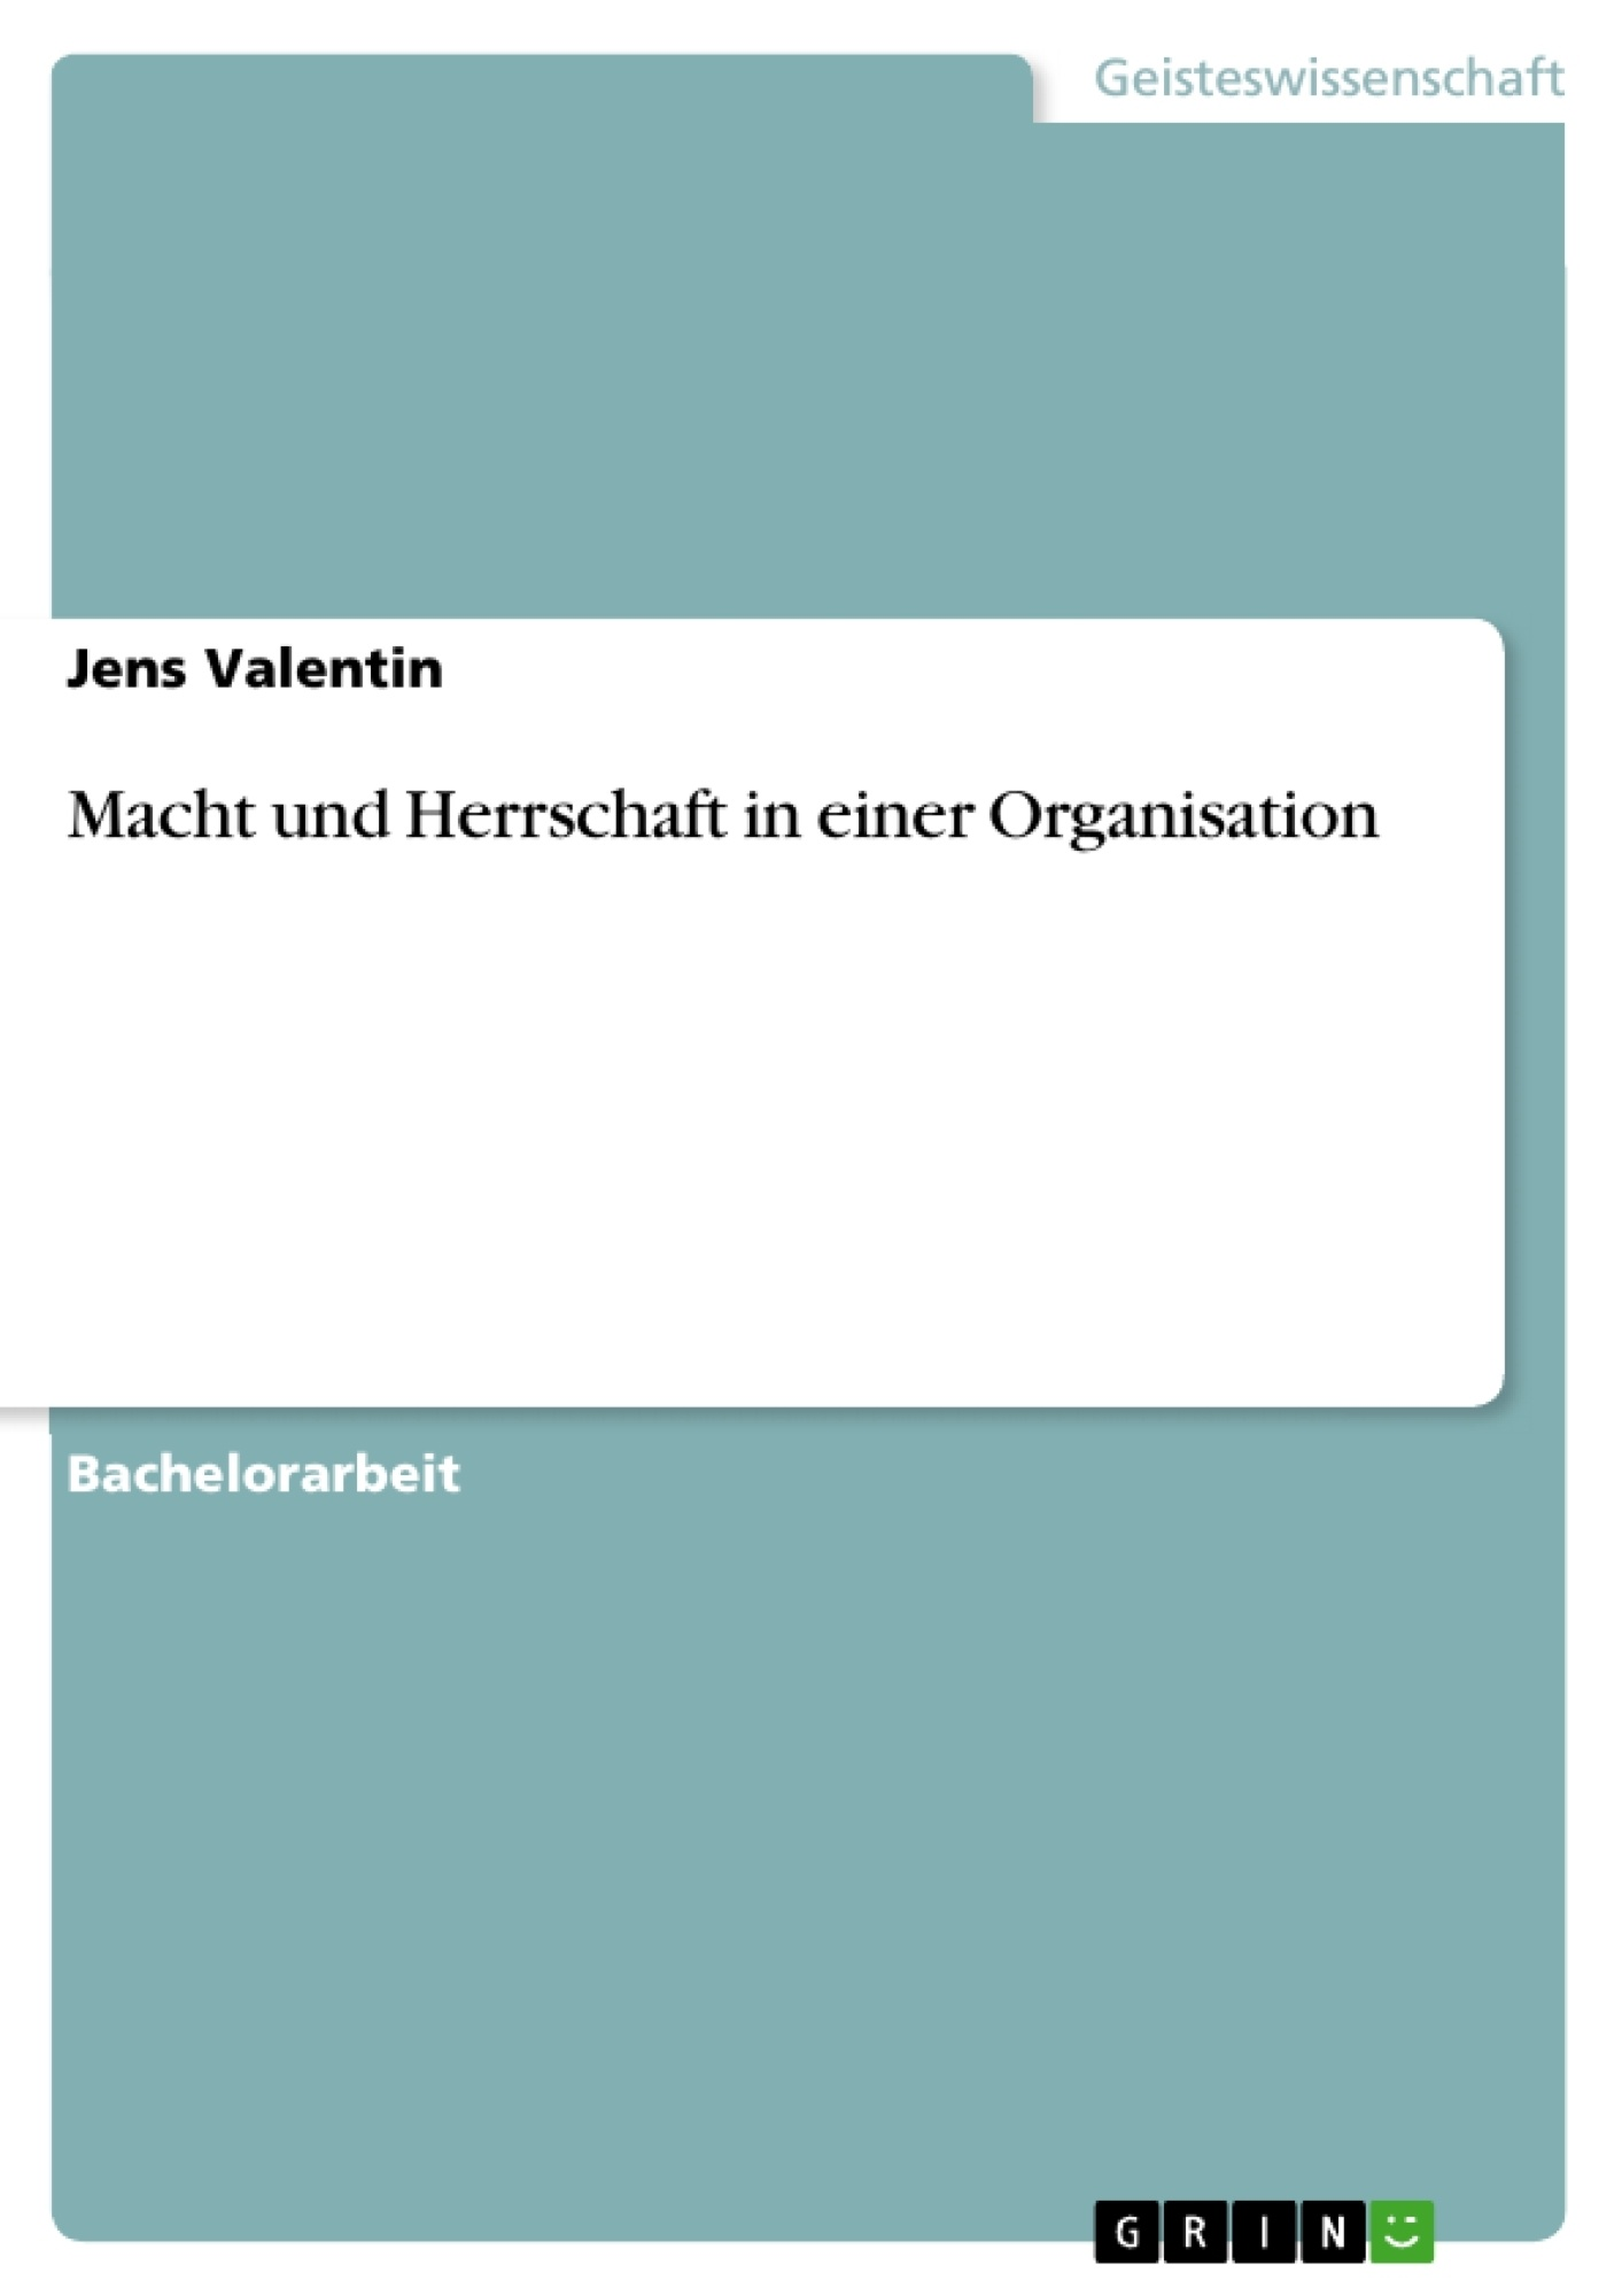 Titel: Macht und Herrschaft in einer Organisation